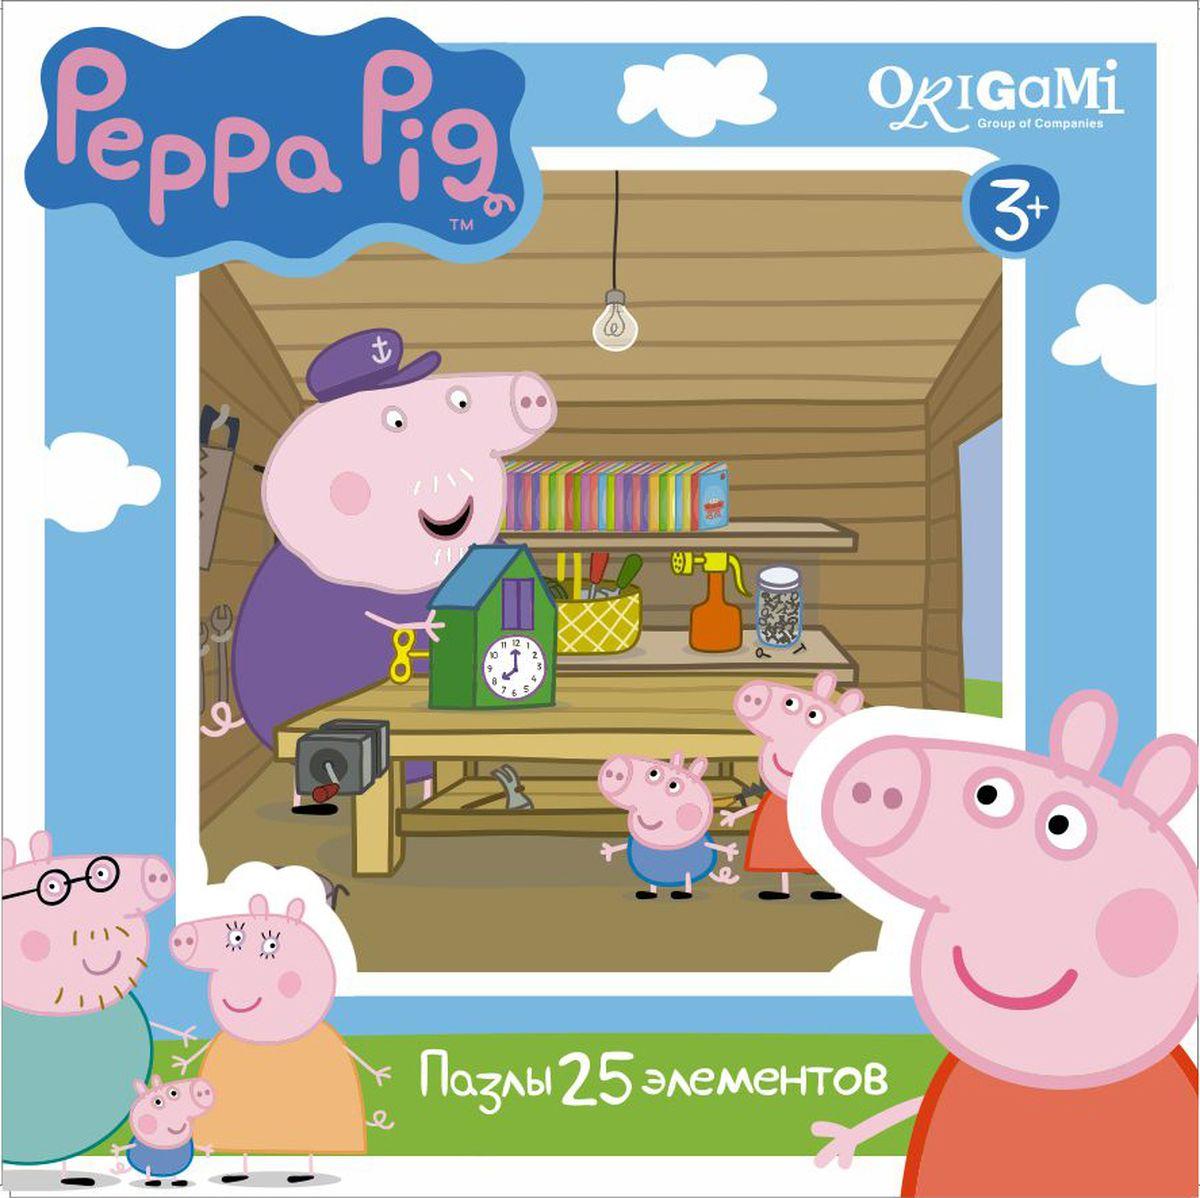 Оригами Пазл для малышей Peppa Pig 01580